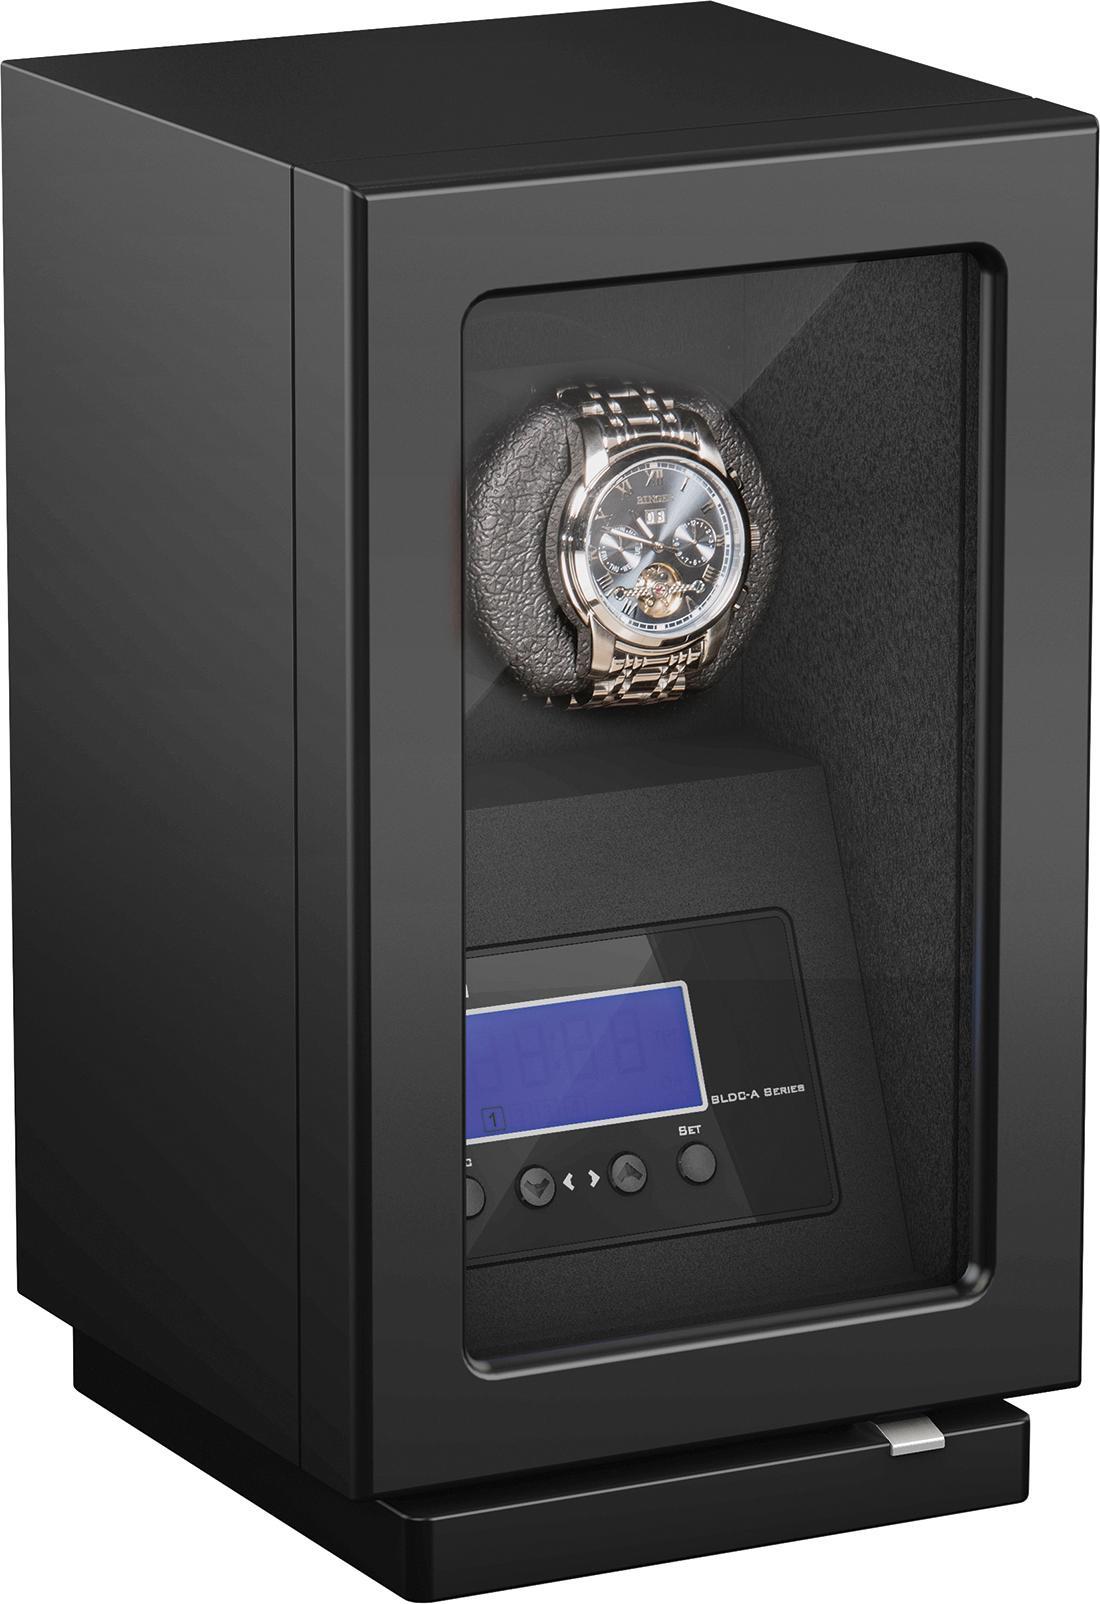 Boxy Uhrenbeweger »Boxy BLDC für 1 Uhr, 309419« | Uhren > Uhrenbeweger | Boxy